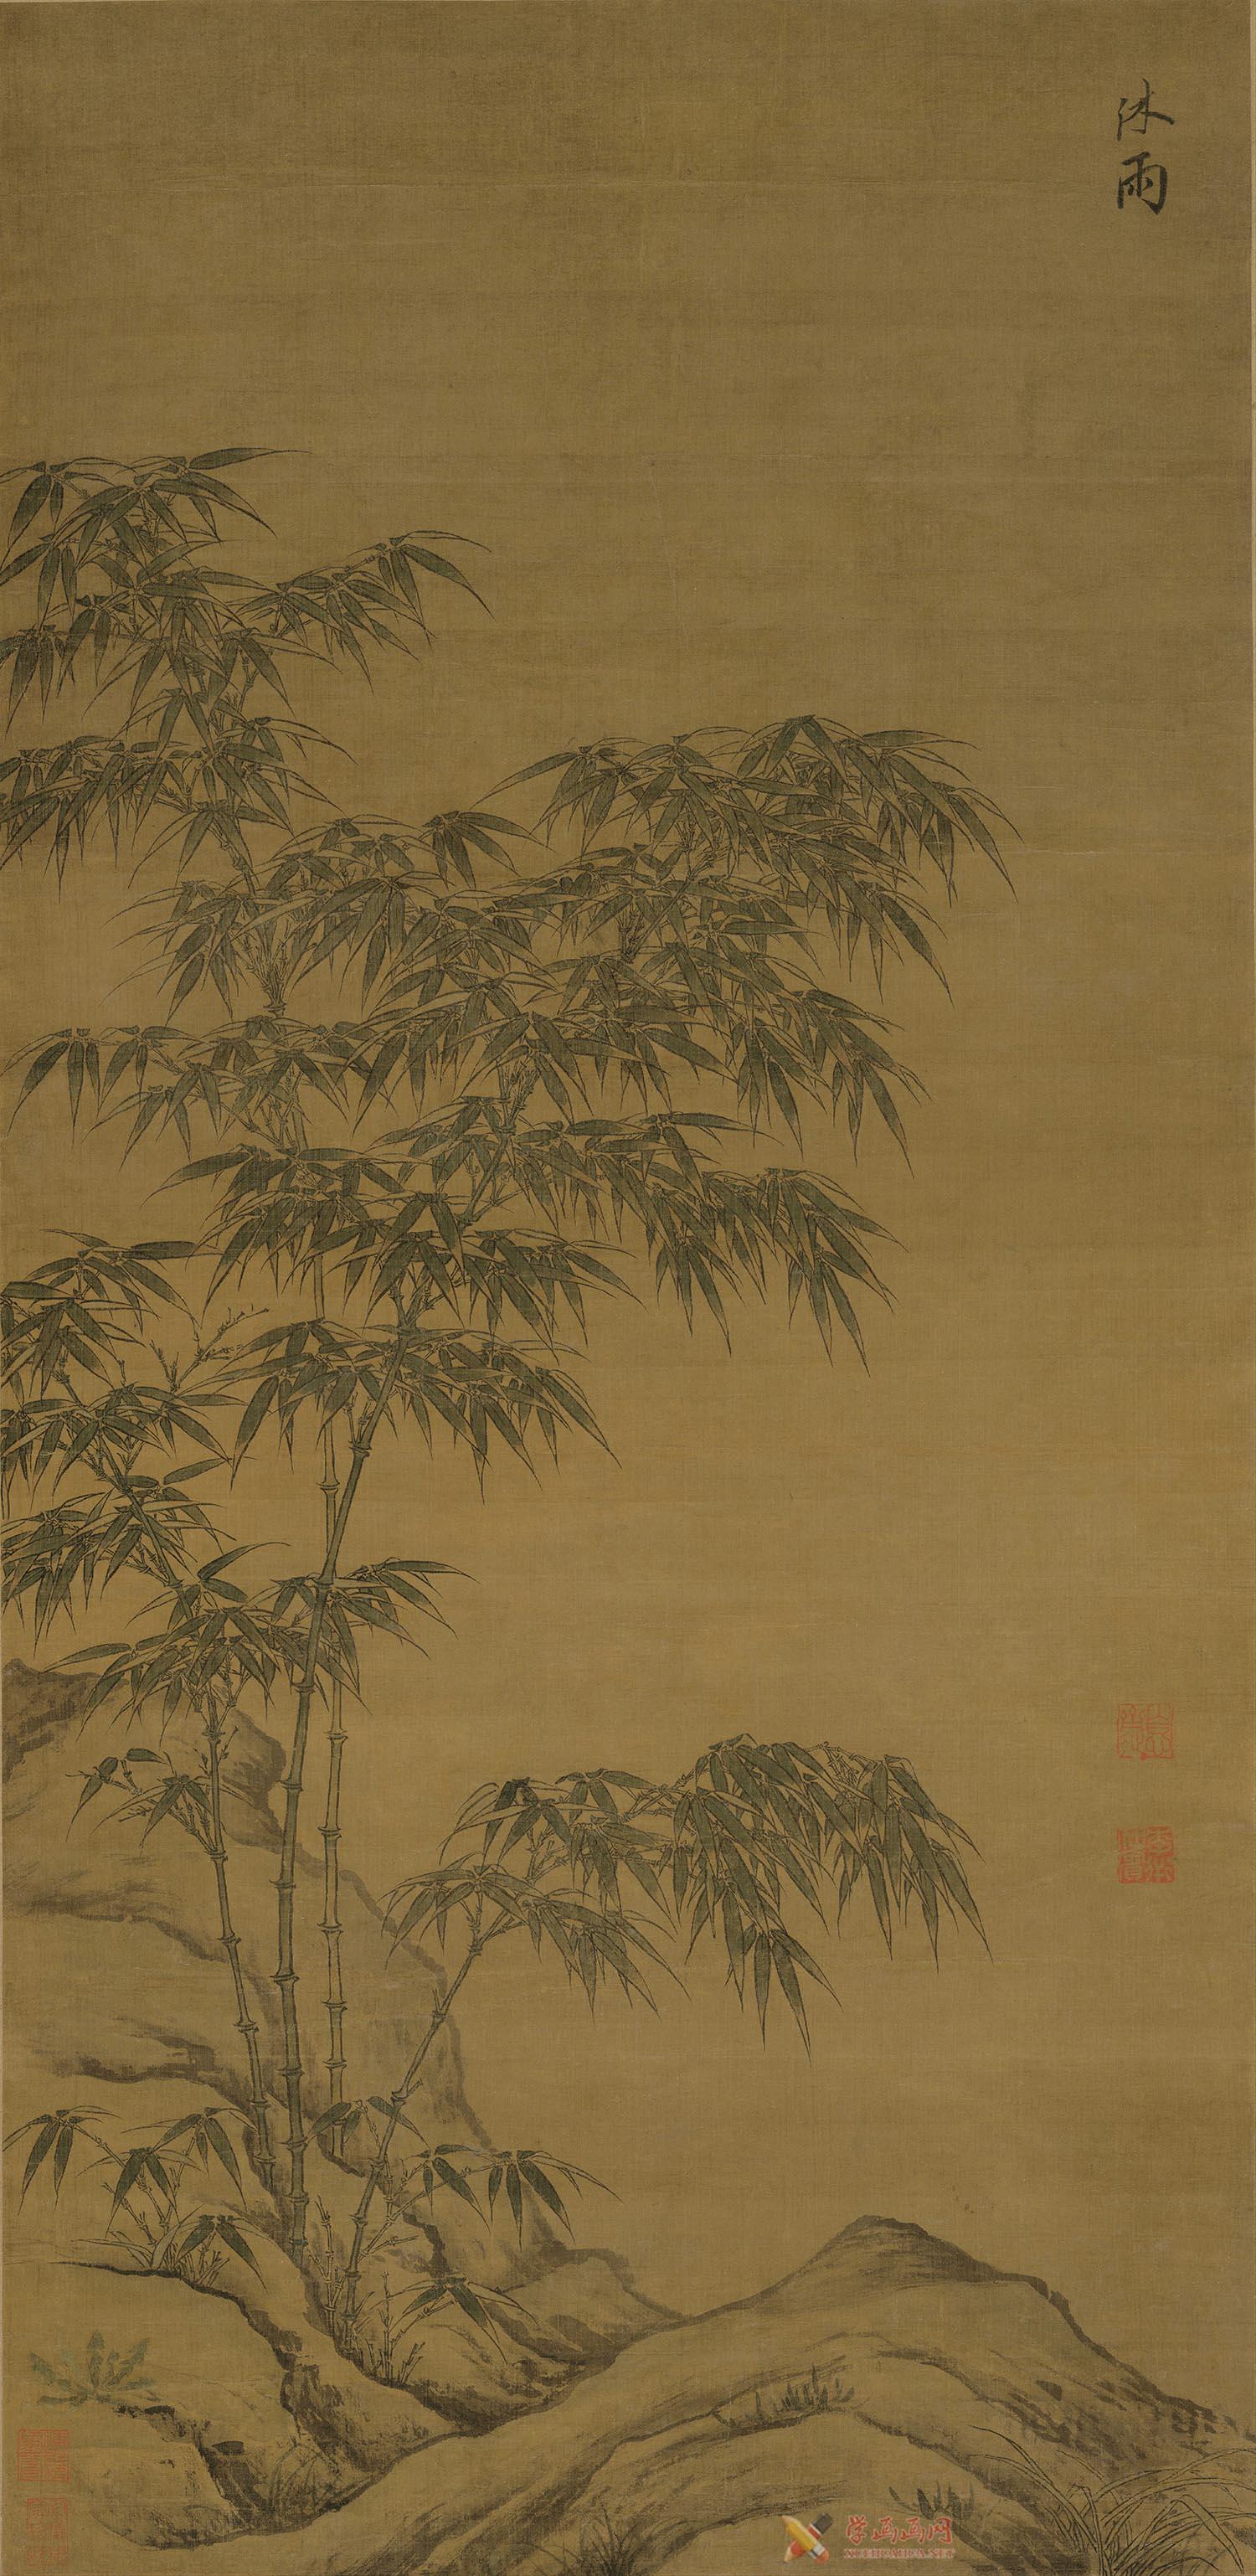 国画欣赏:元代《李衎沐雨图轴》赏析(1)